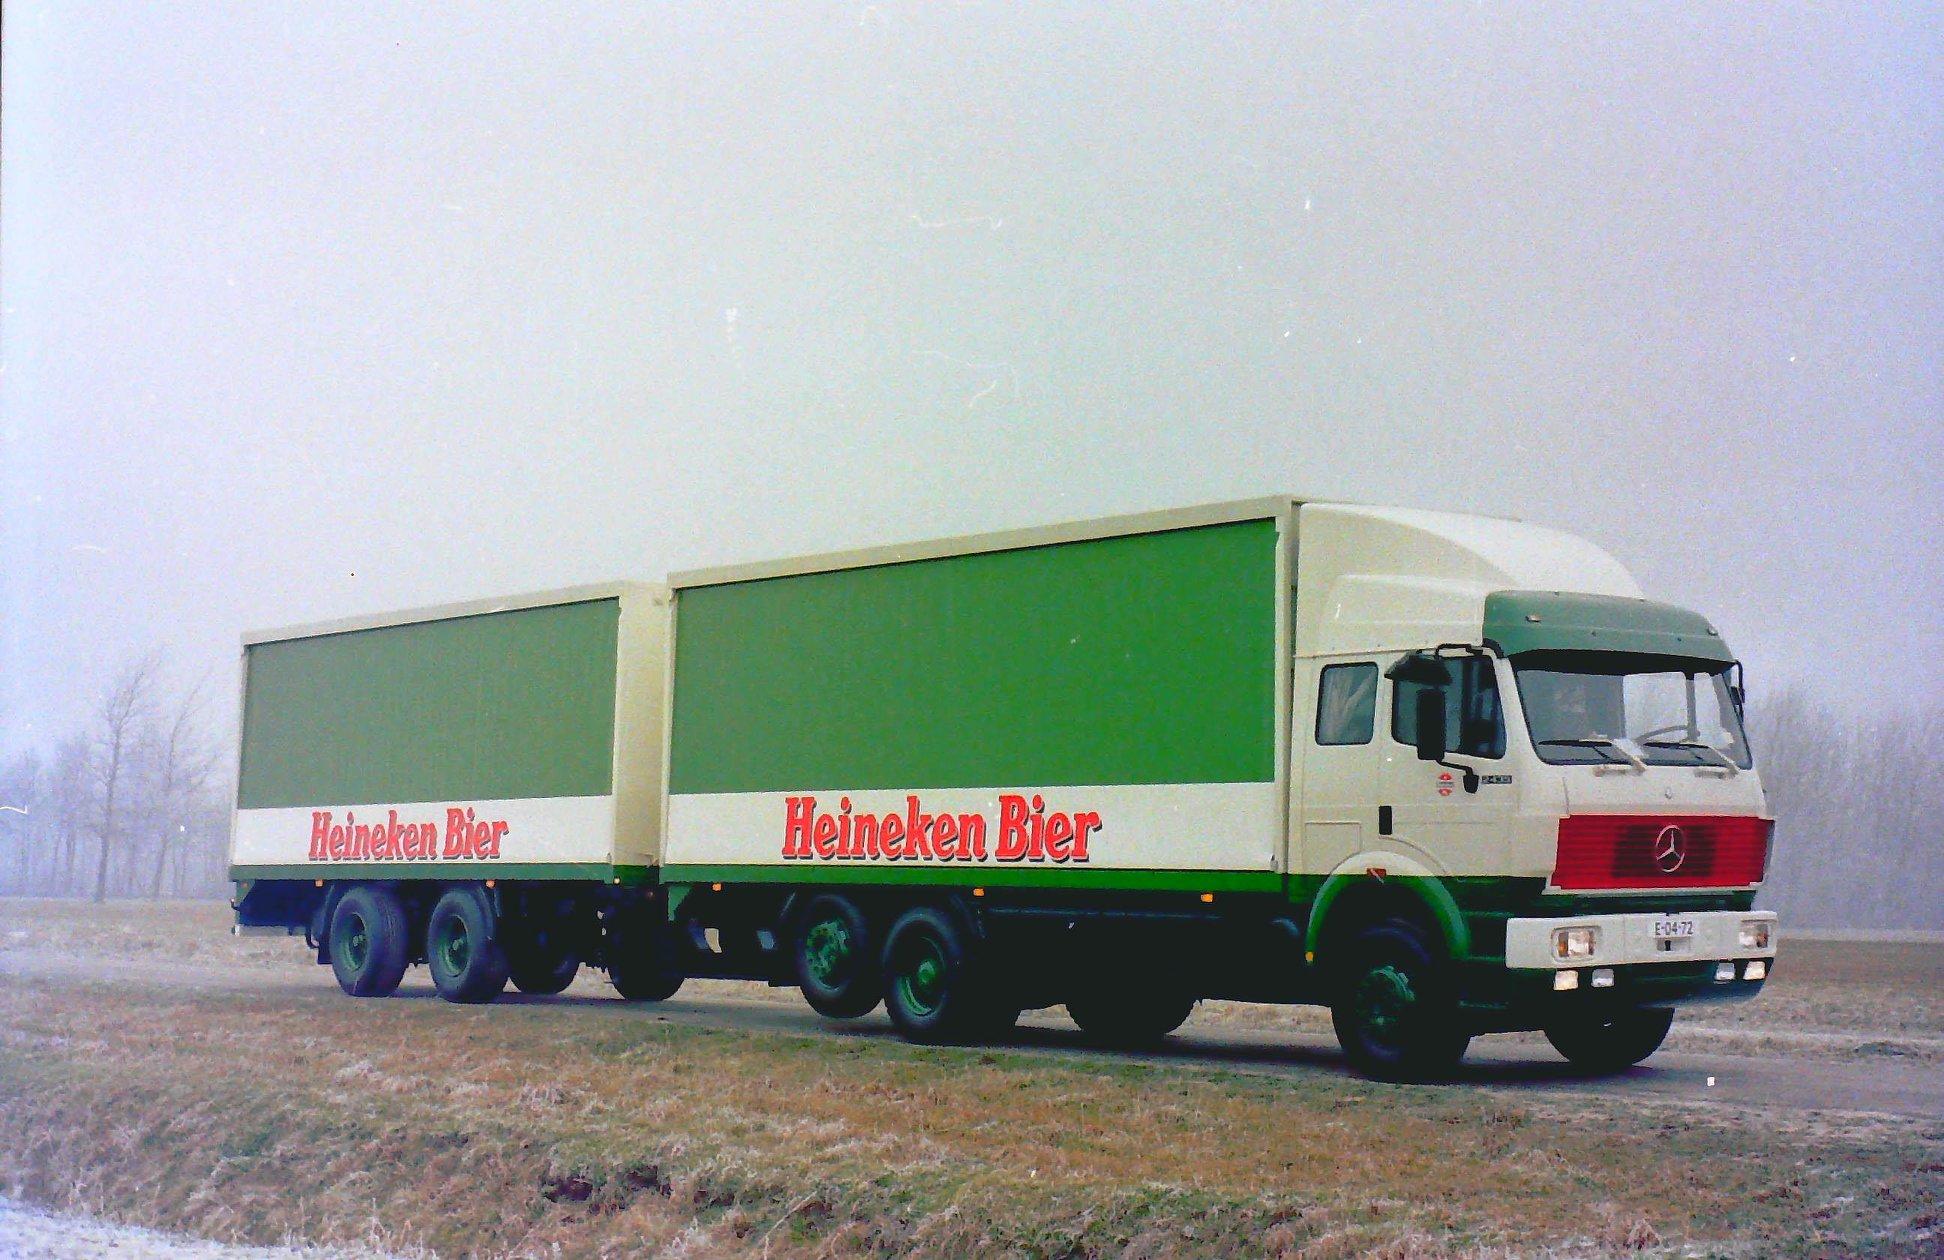 Rondaan-Carr--Deze-Mercedes-met-rolkleden-opbouw-en-een-RAF-middenas-aanhangwagen-ook-met-een-rolkleden-opbouw-rijdend-voor-Heineken-Bier-1